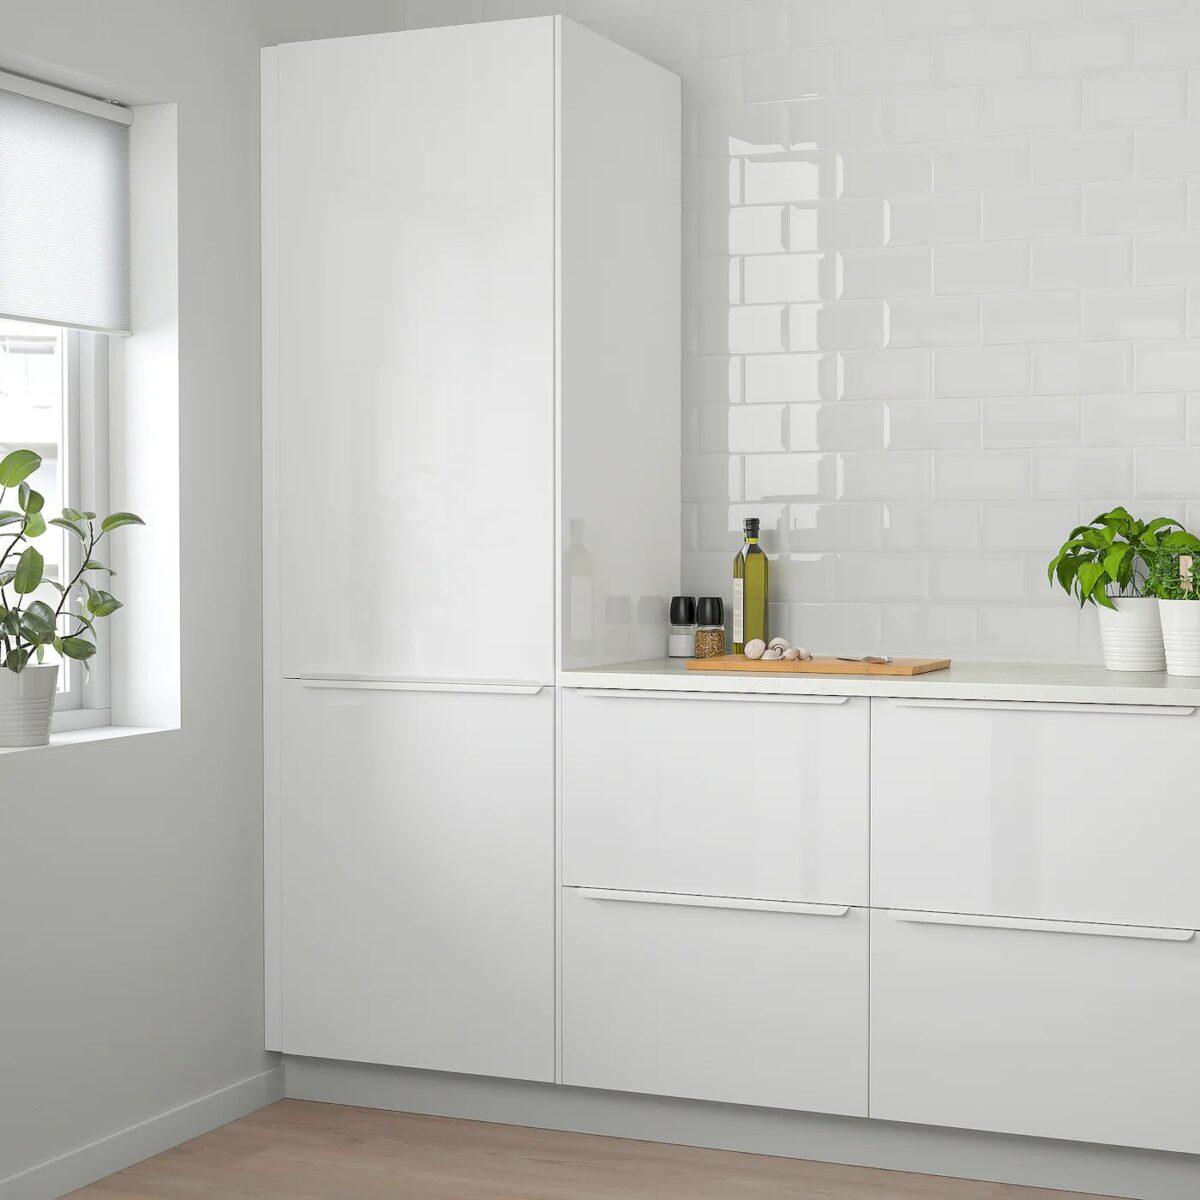 arredare-cucina-8-mq-idee-progetti-soluzioni-19